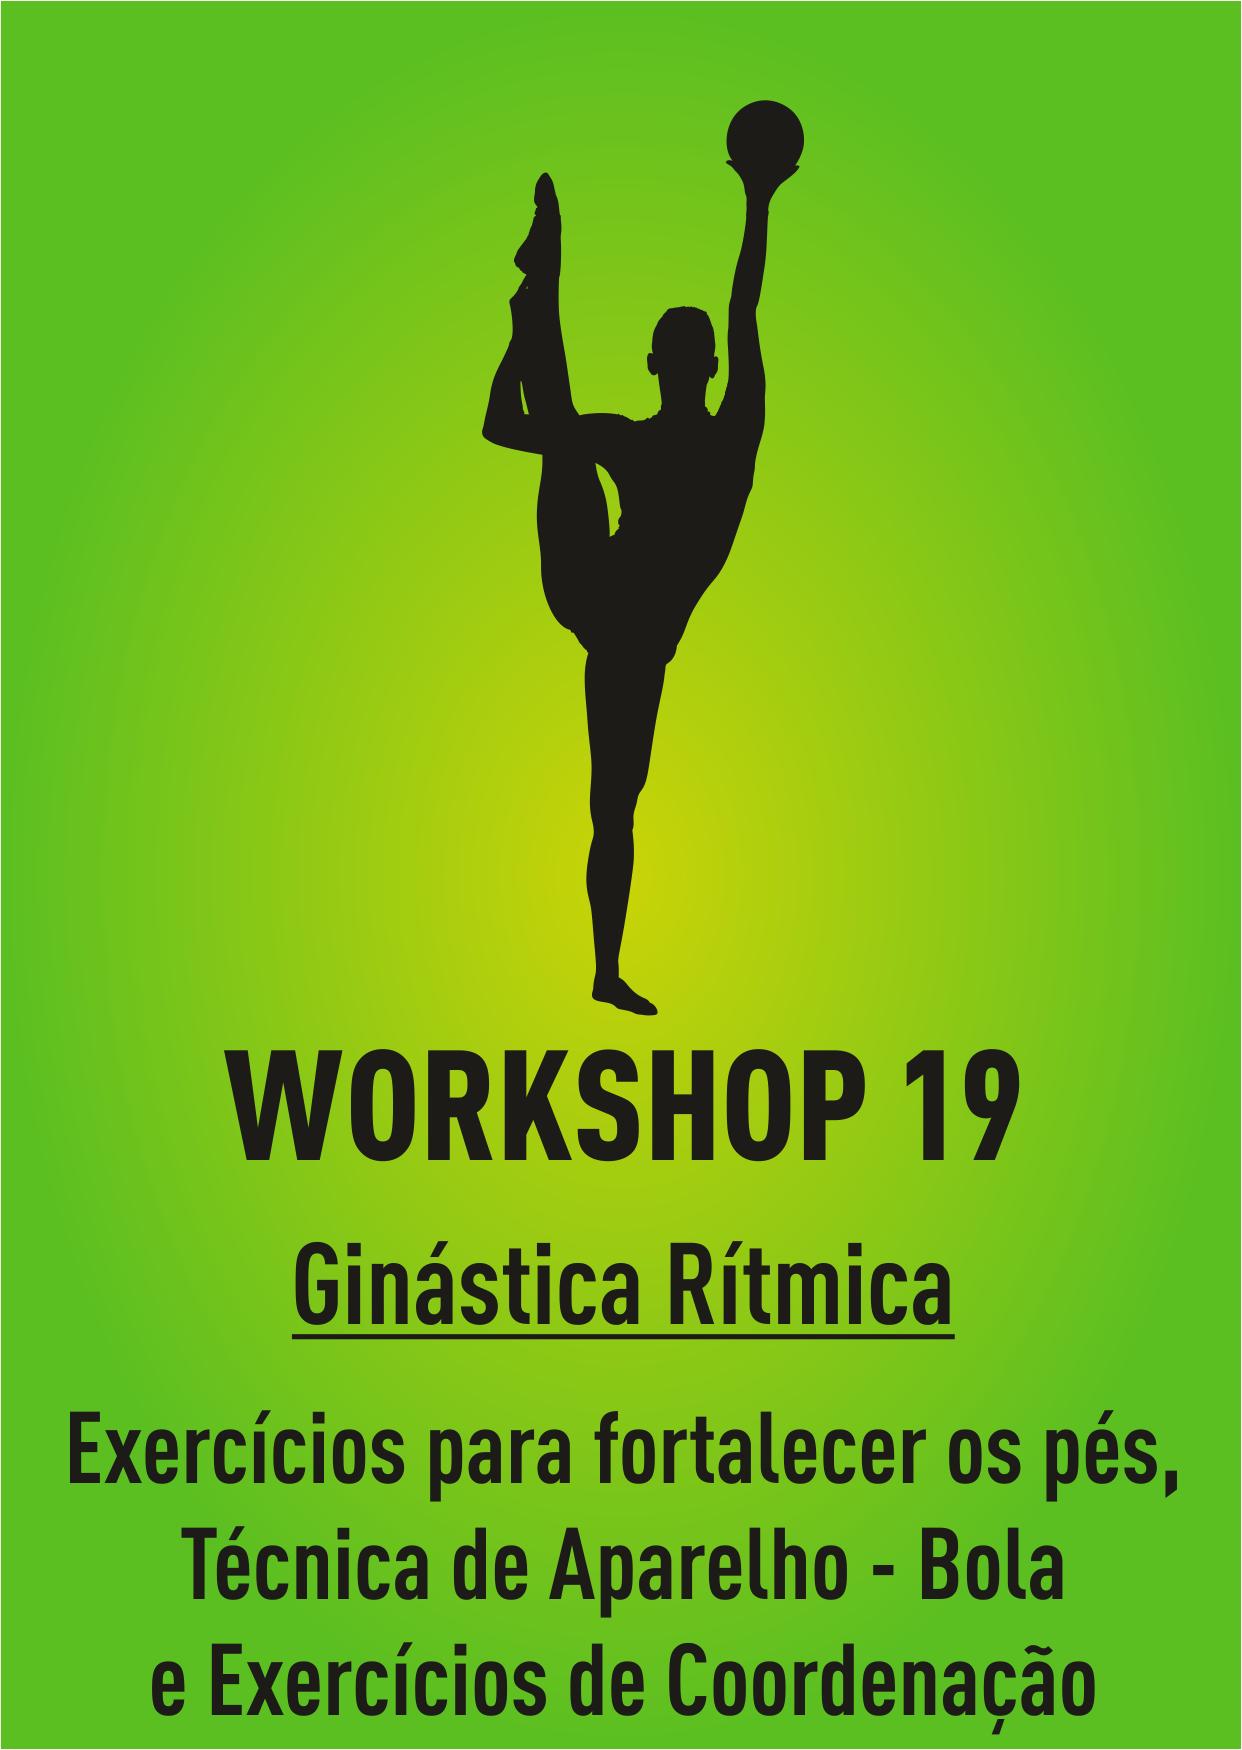 WORKSHOP 19 - GR: EXERCÍCIOS PARA FORTALECER OS PÉS, TÉCNICA DE APARELHO - BOLA E EXERCÍCIOS DE COORDENAÇÃO